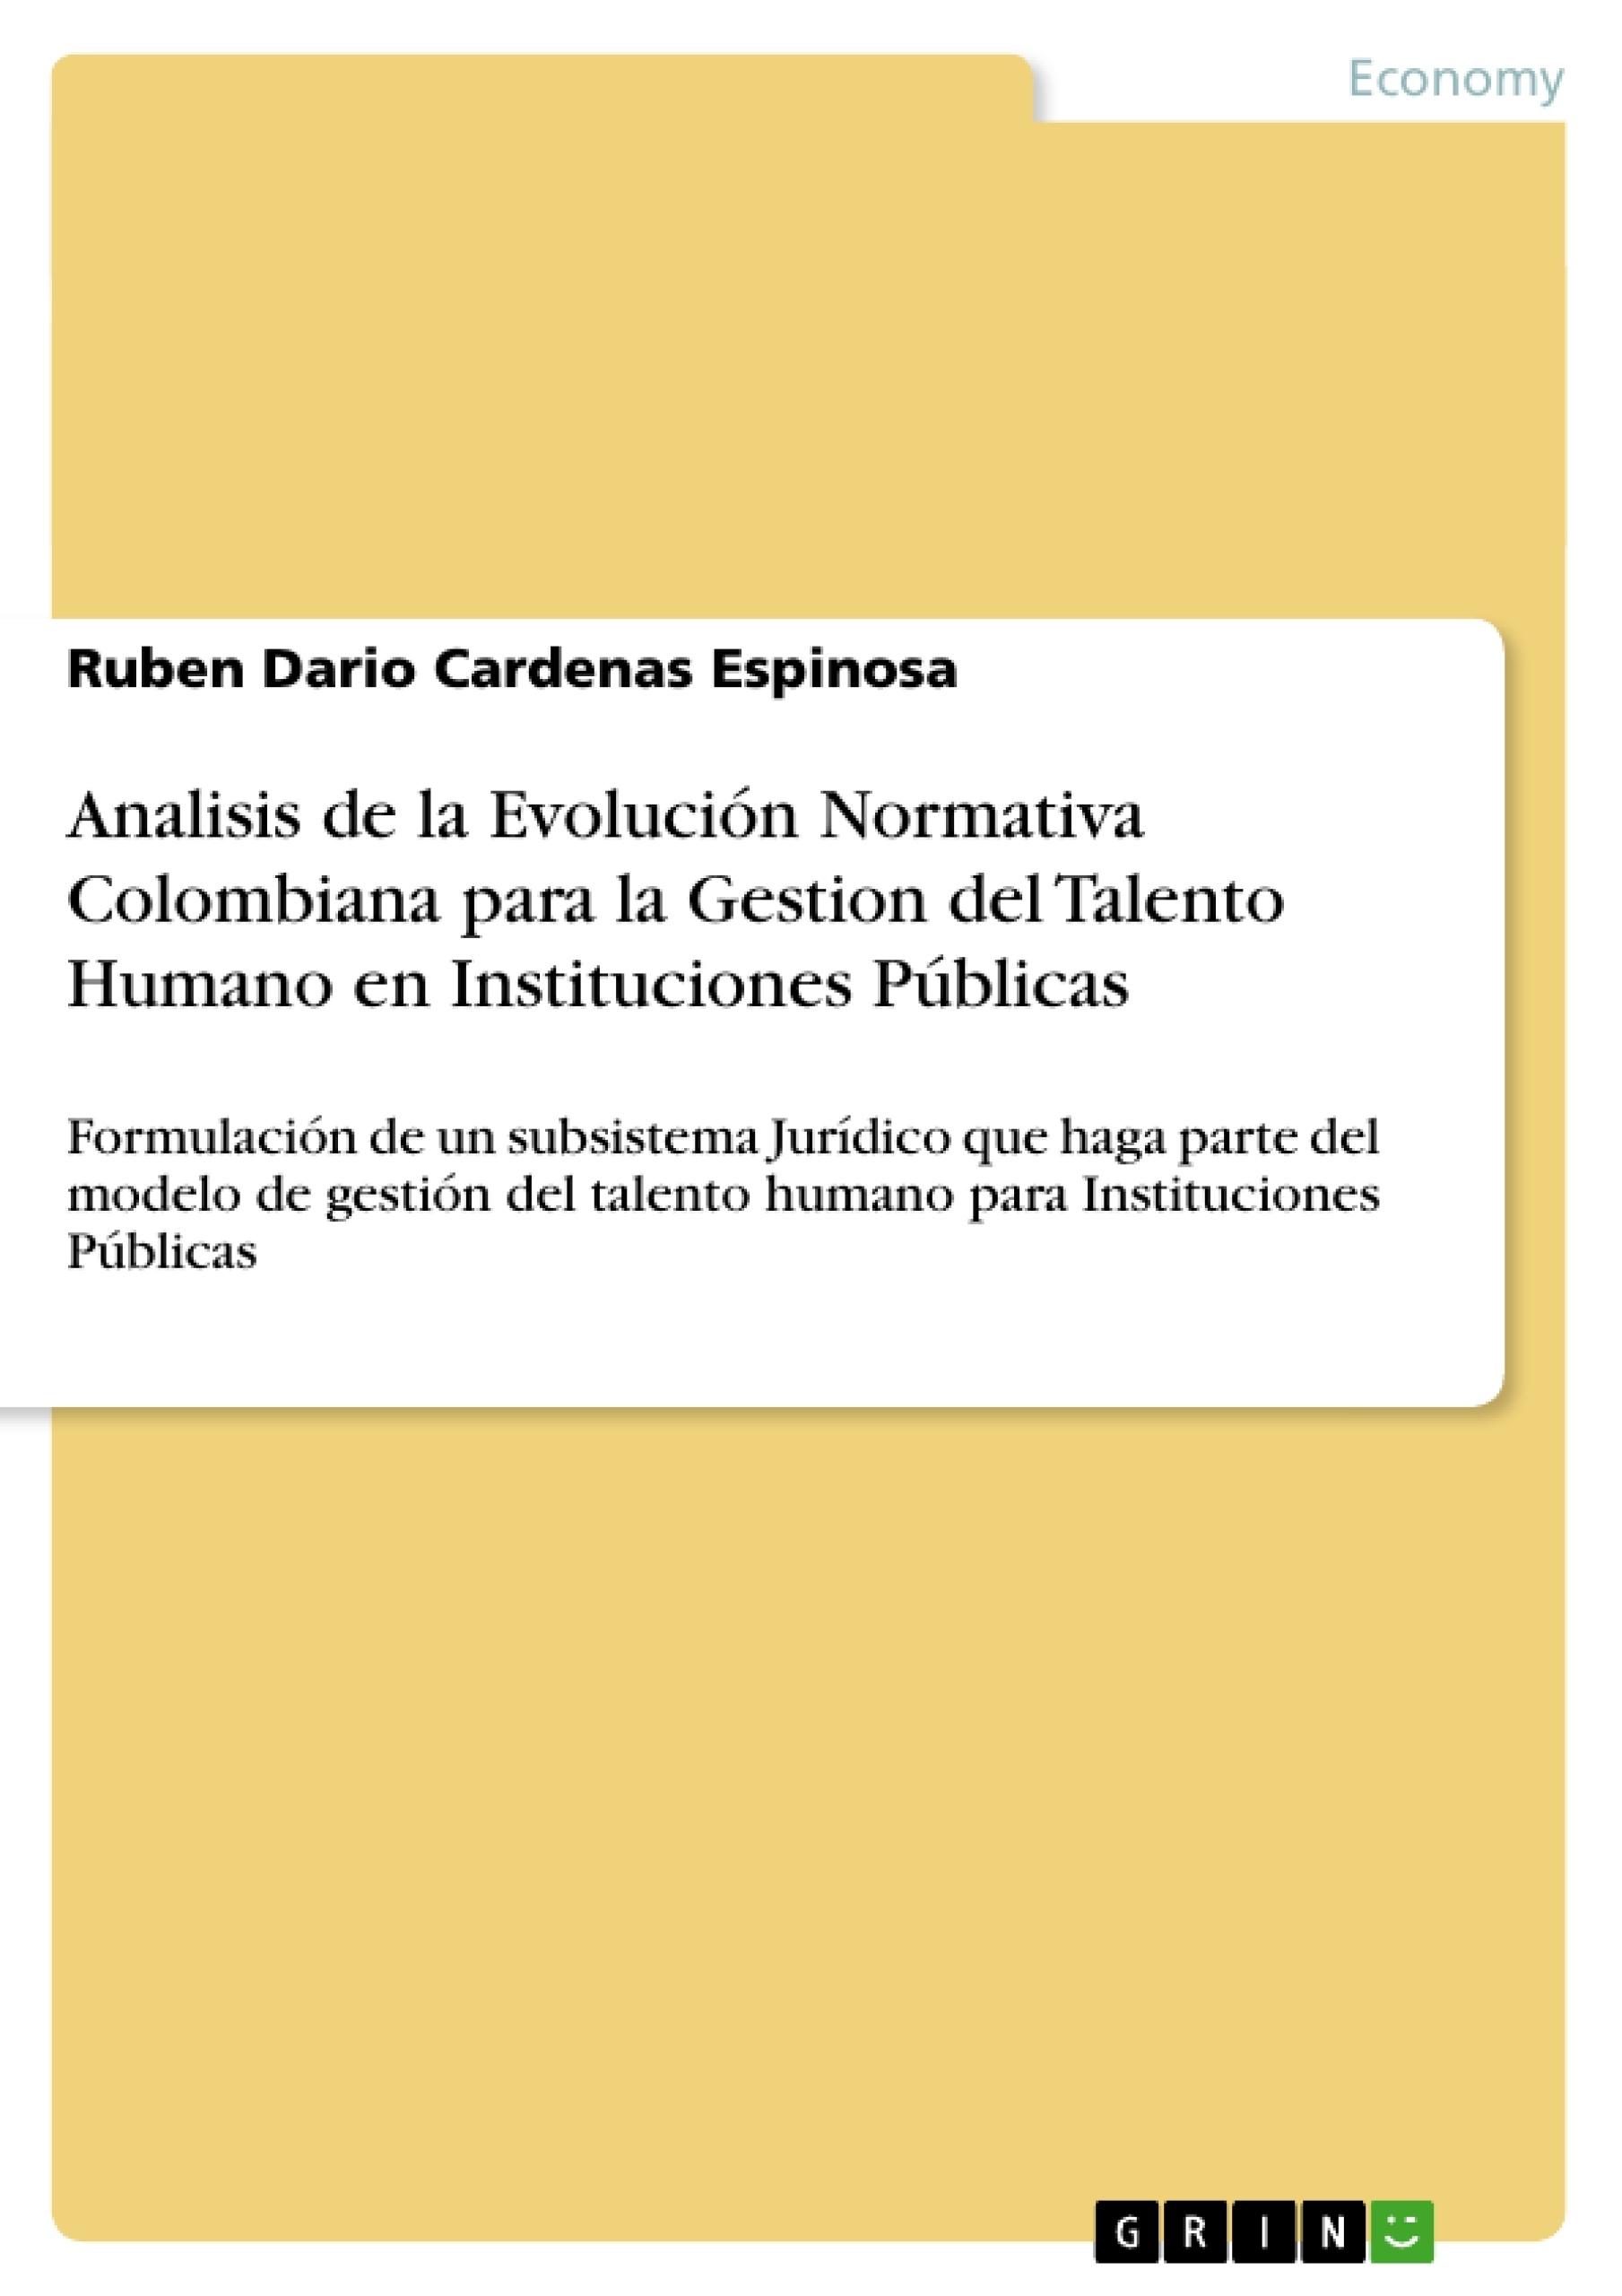 Título: Analisis de la Evolución Normativa Colombiana para la Gestion del Talento Humano en Instituciones Públicas